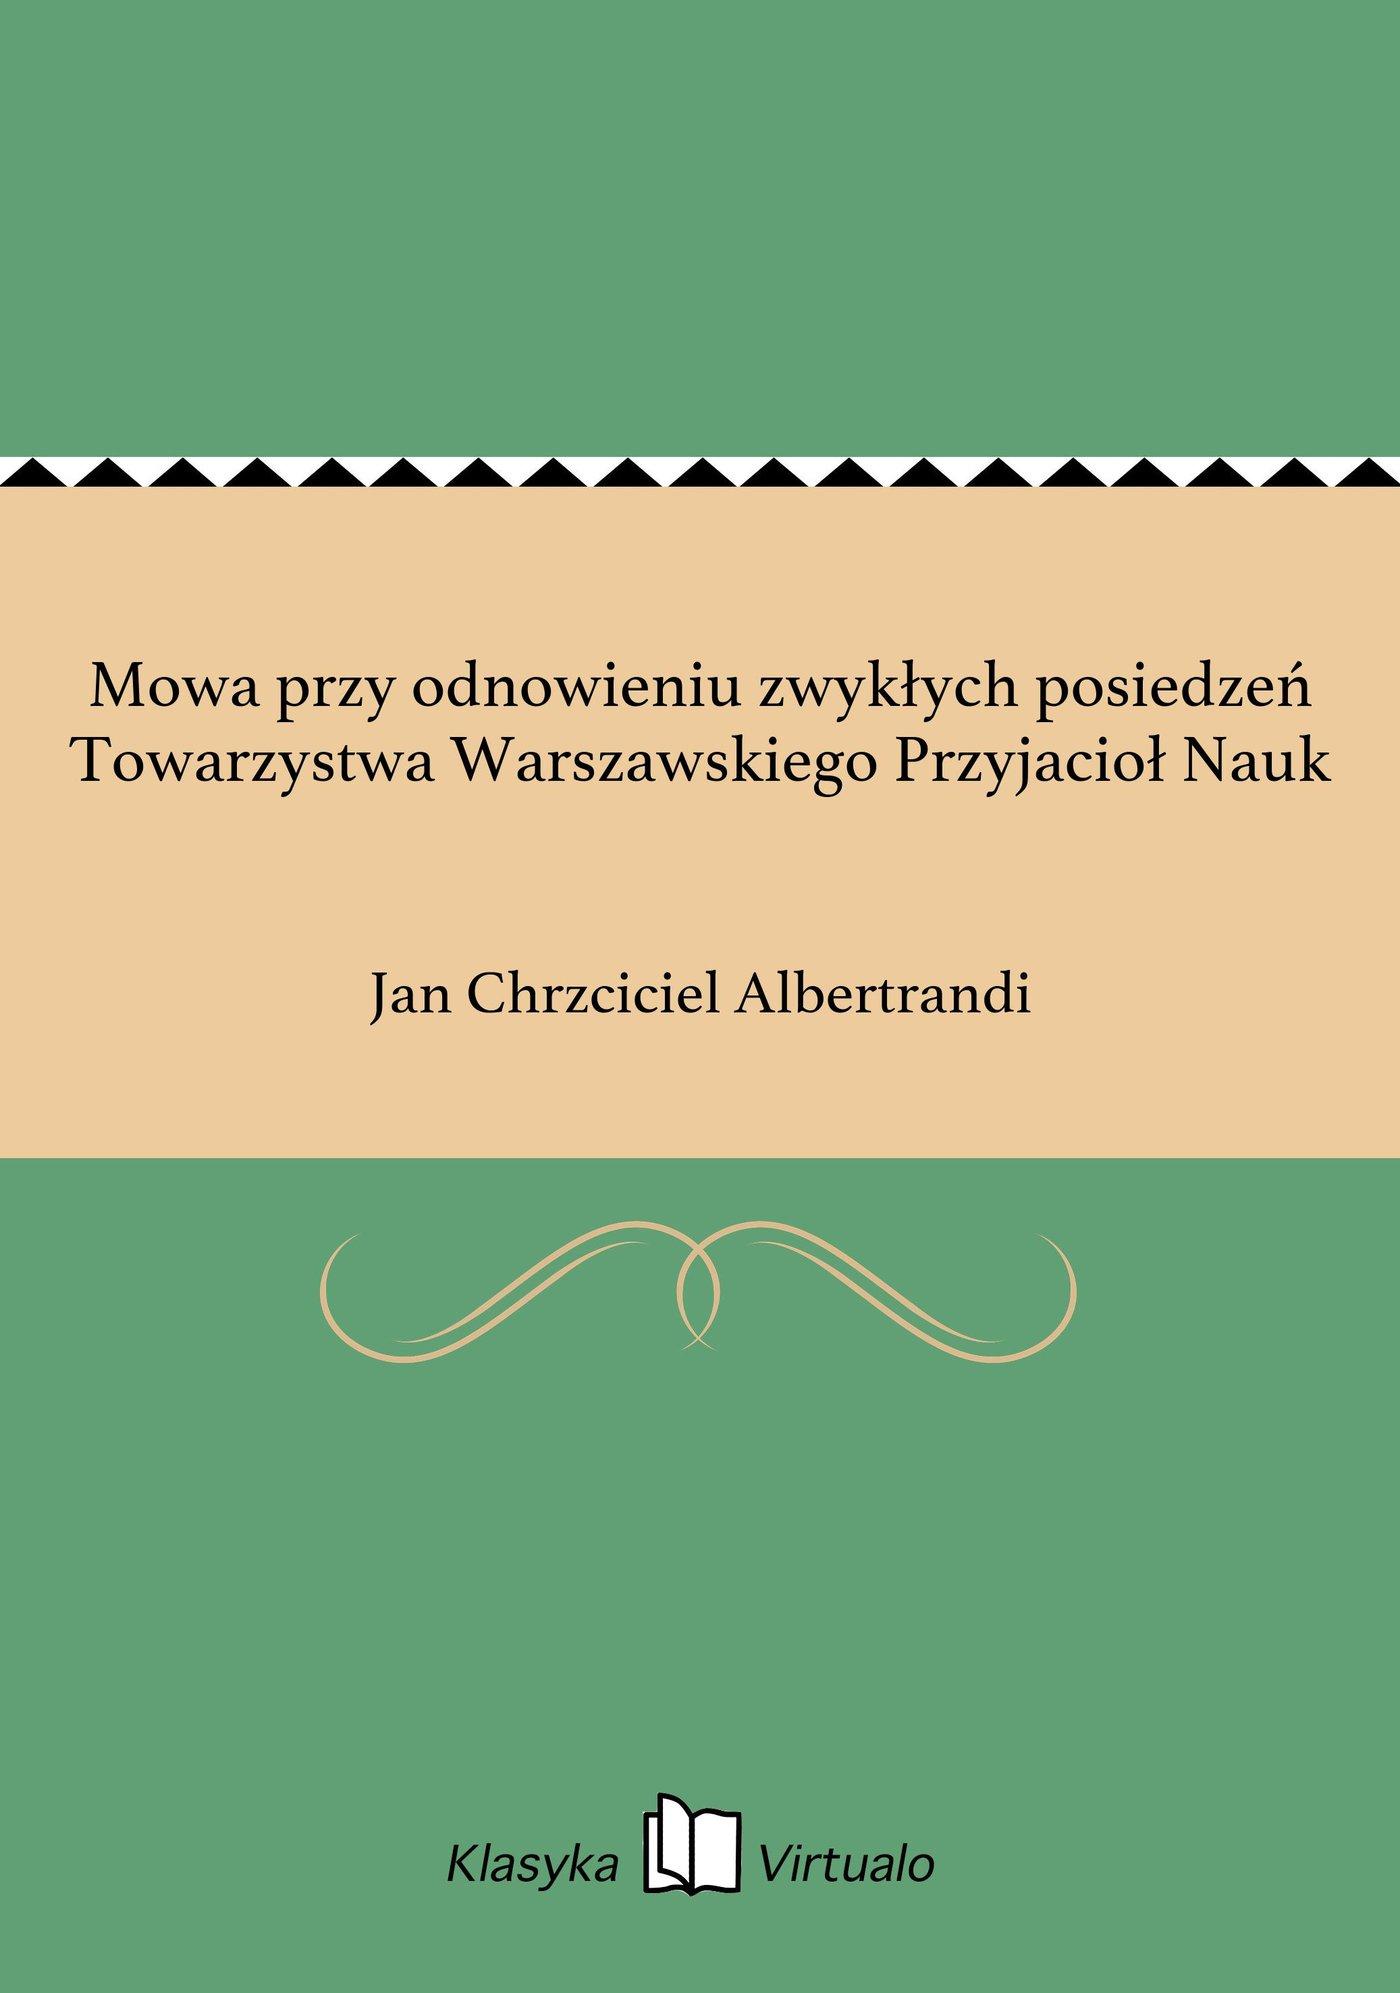 Mowa przy odnowieniu zwykłych posiedzeń Towarzystwa Warszawskiego Przyjacioł Nauk - Ebook (Książka EPUB) do pobrania w formacie EPUB